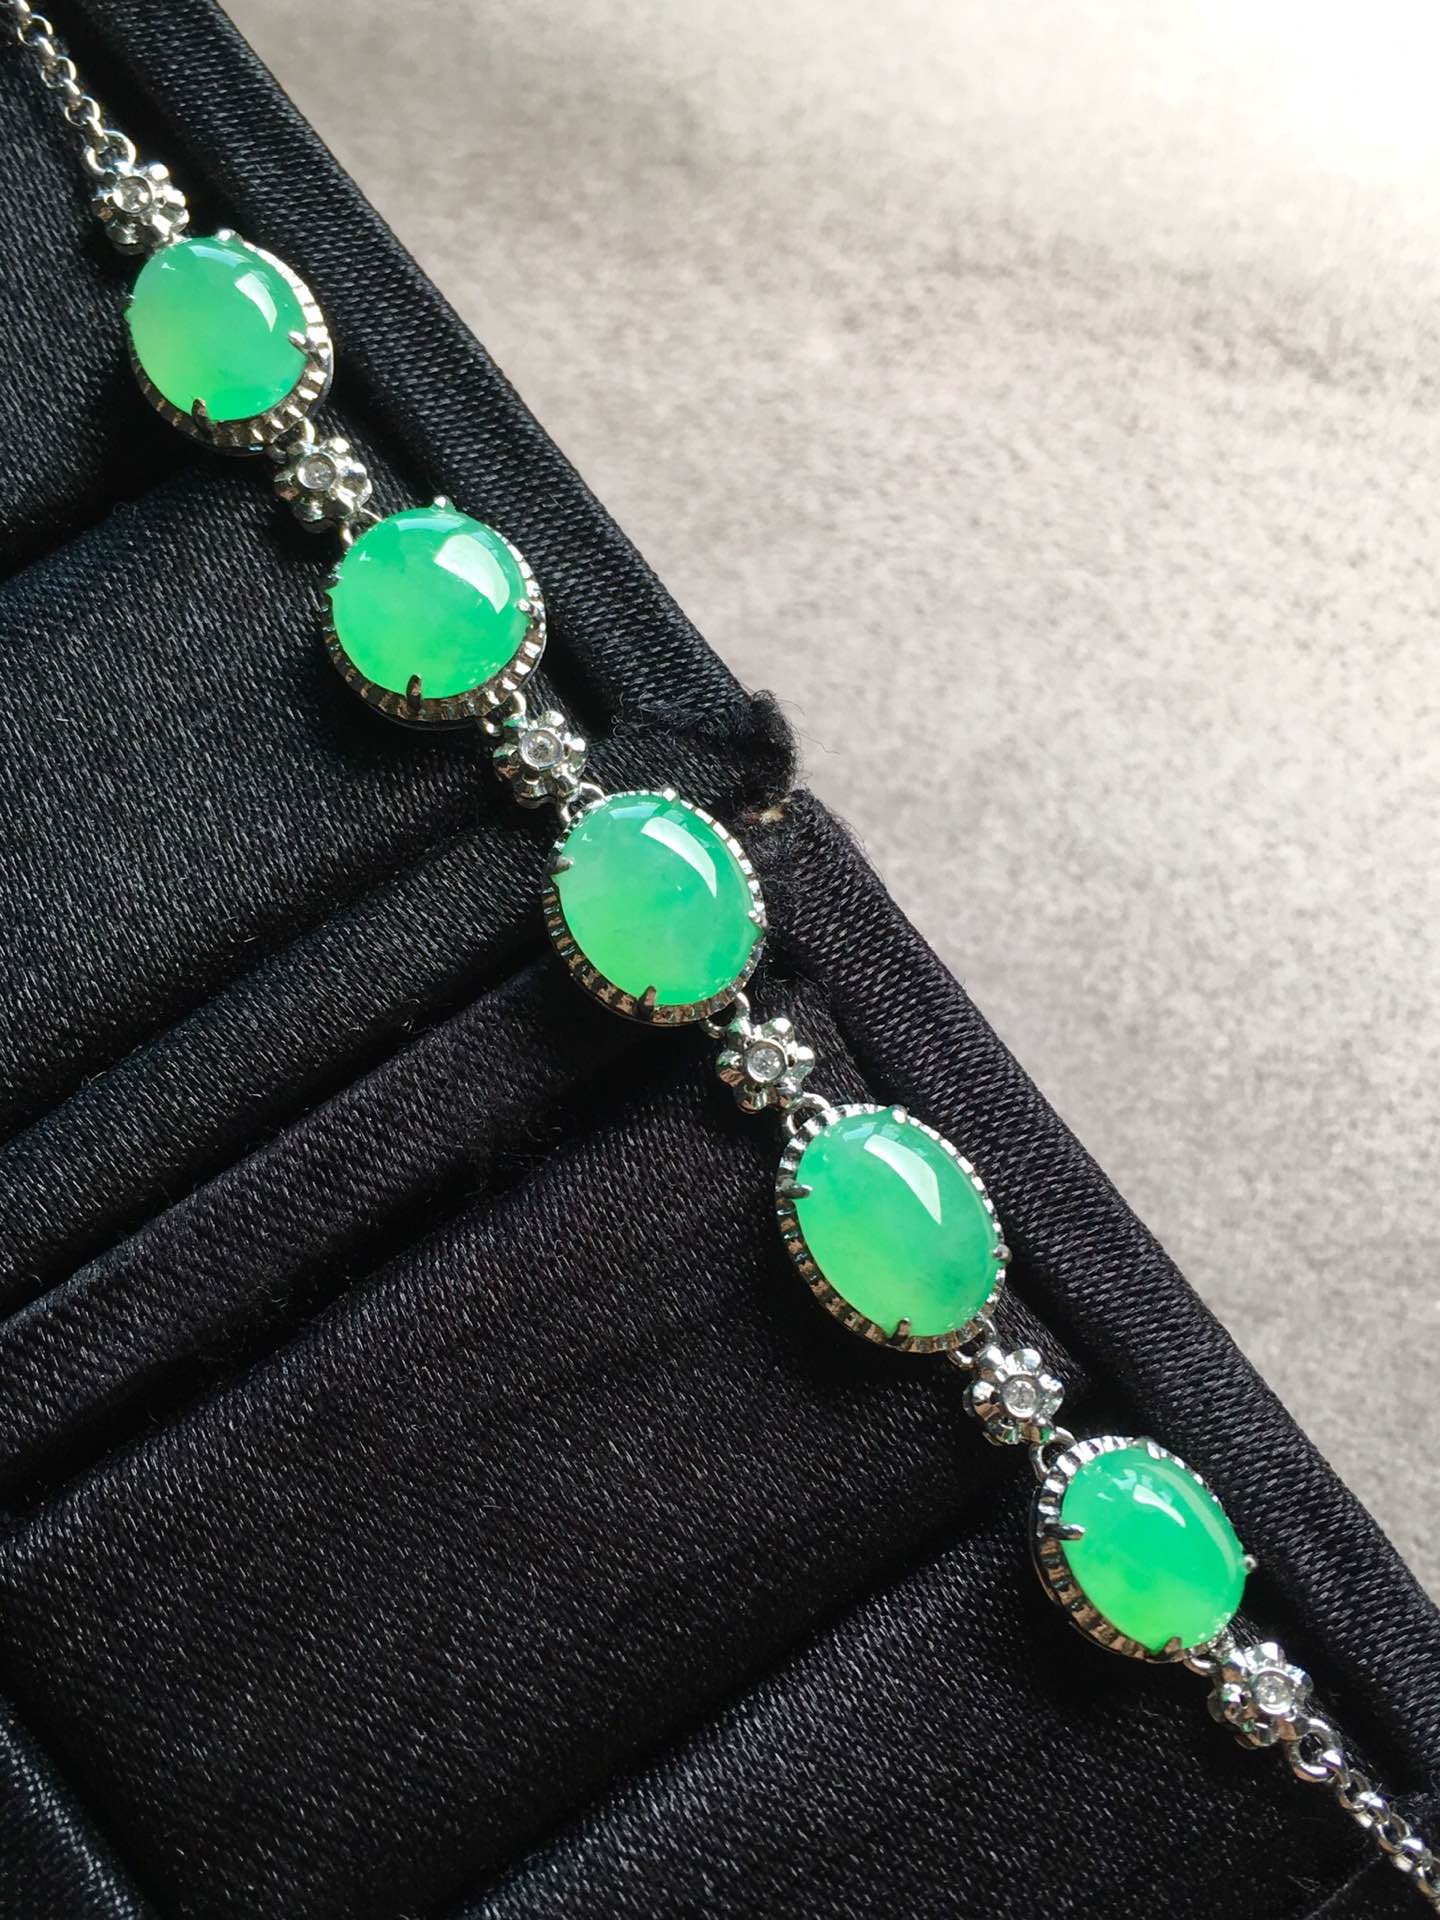 特惠高冰纯正阳绿起胶手链裸石尺寸8.6/7.2/3.2mm,7.6/6.2/3mm